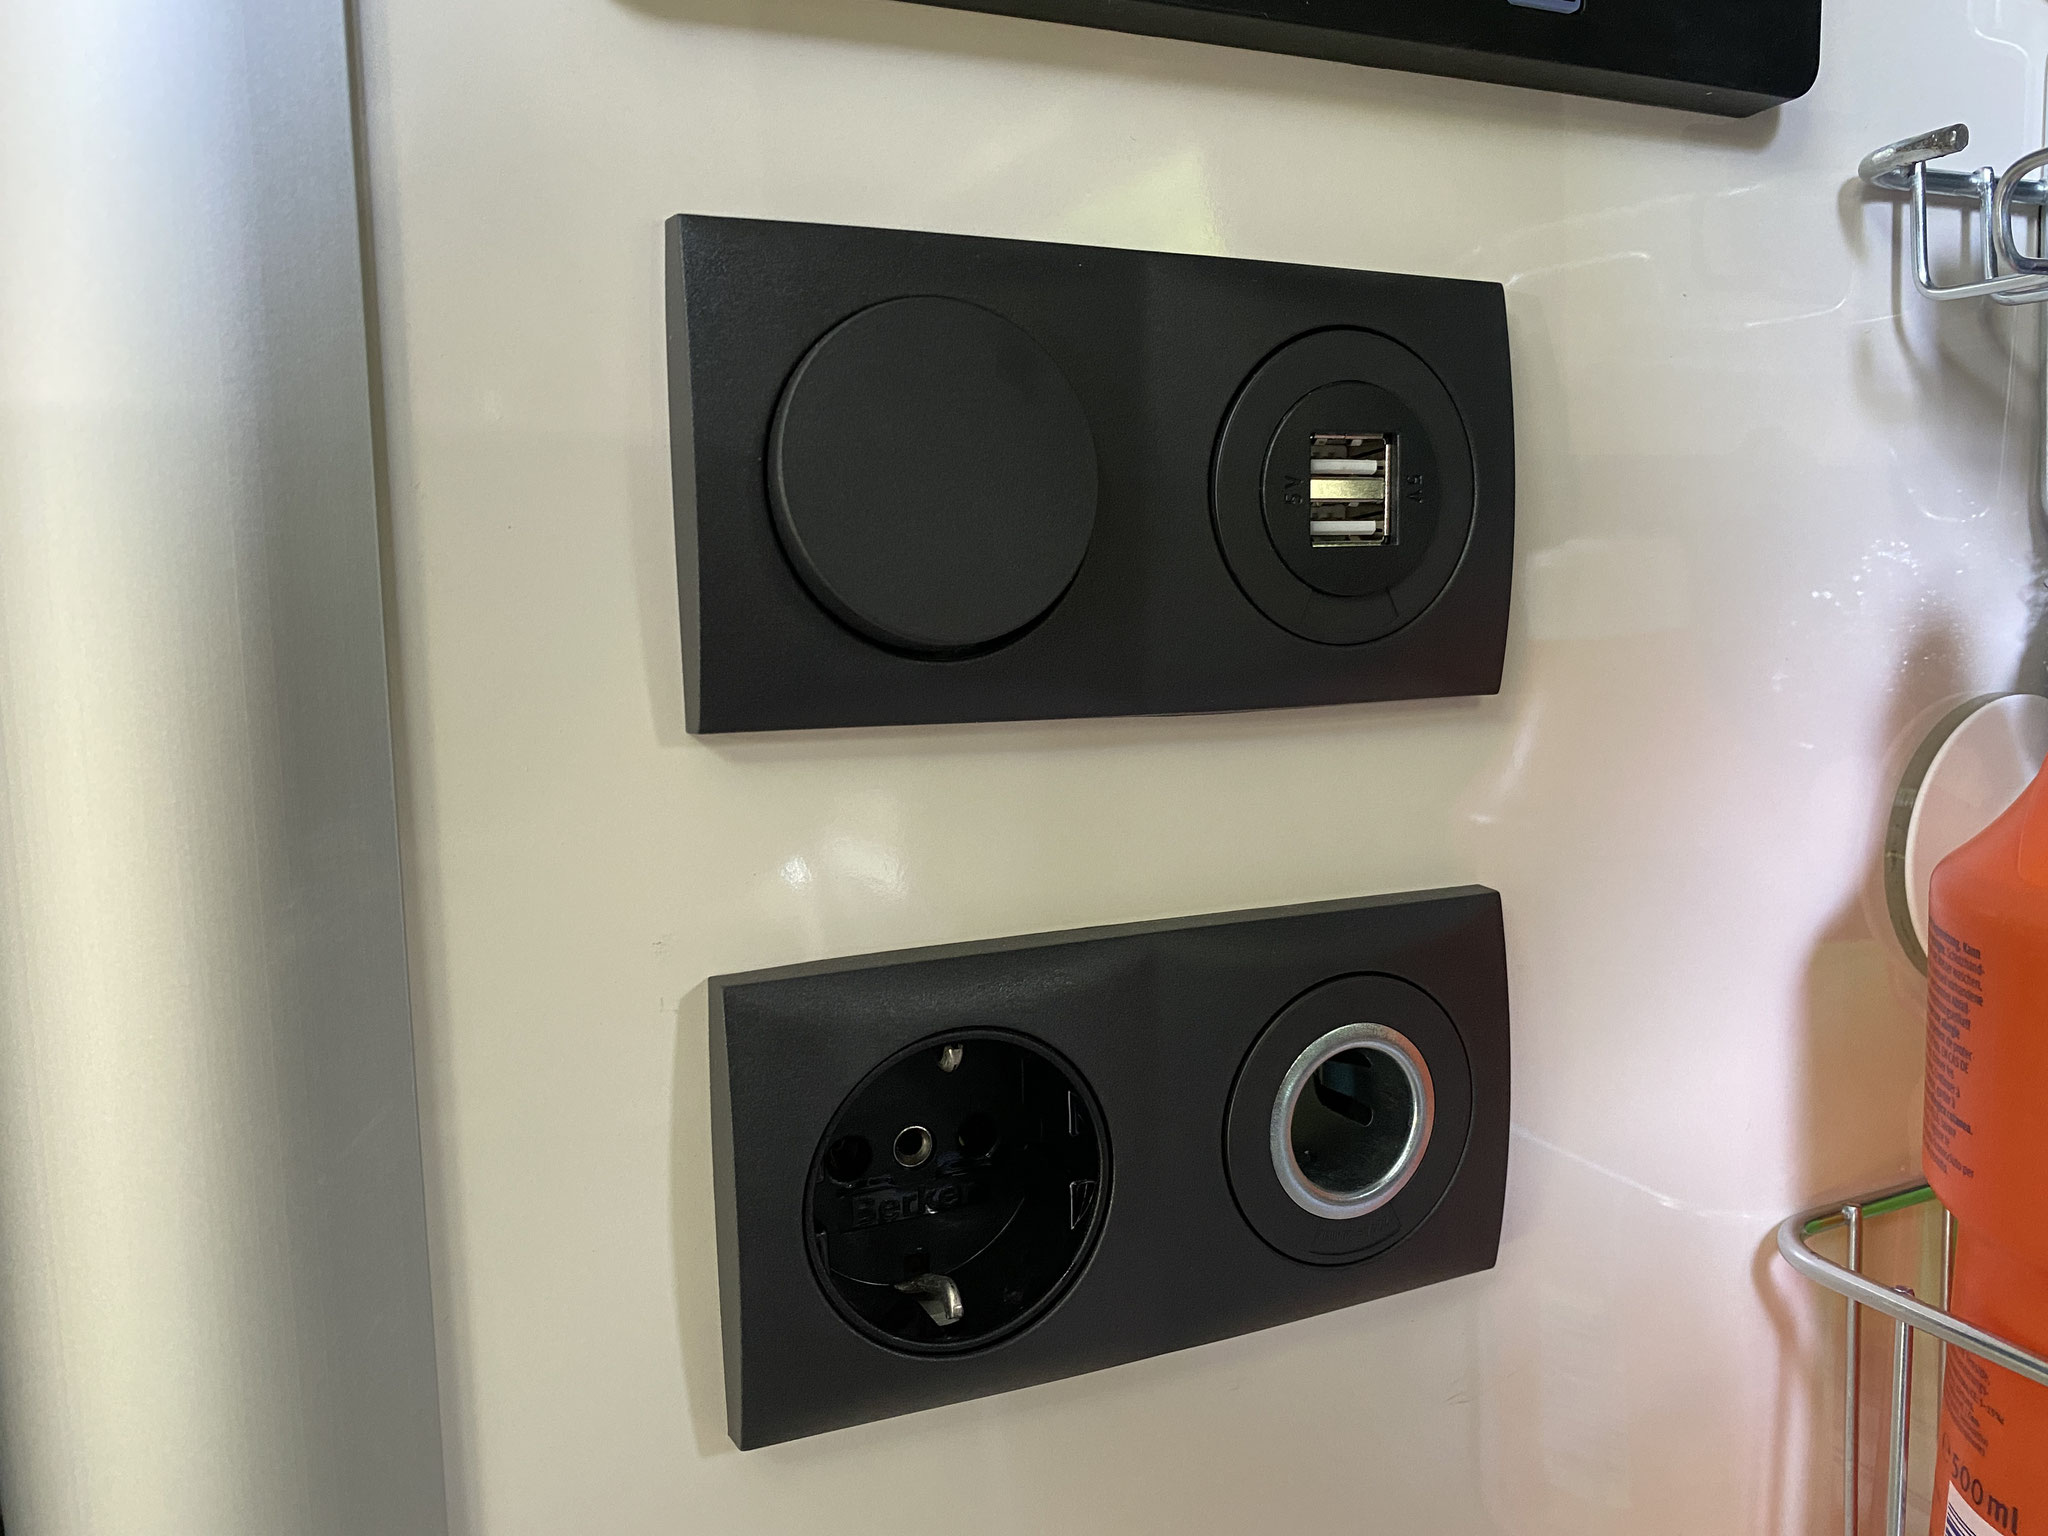 Steckdose 220V, 12V sowie USB-Anschlüsse